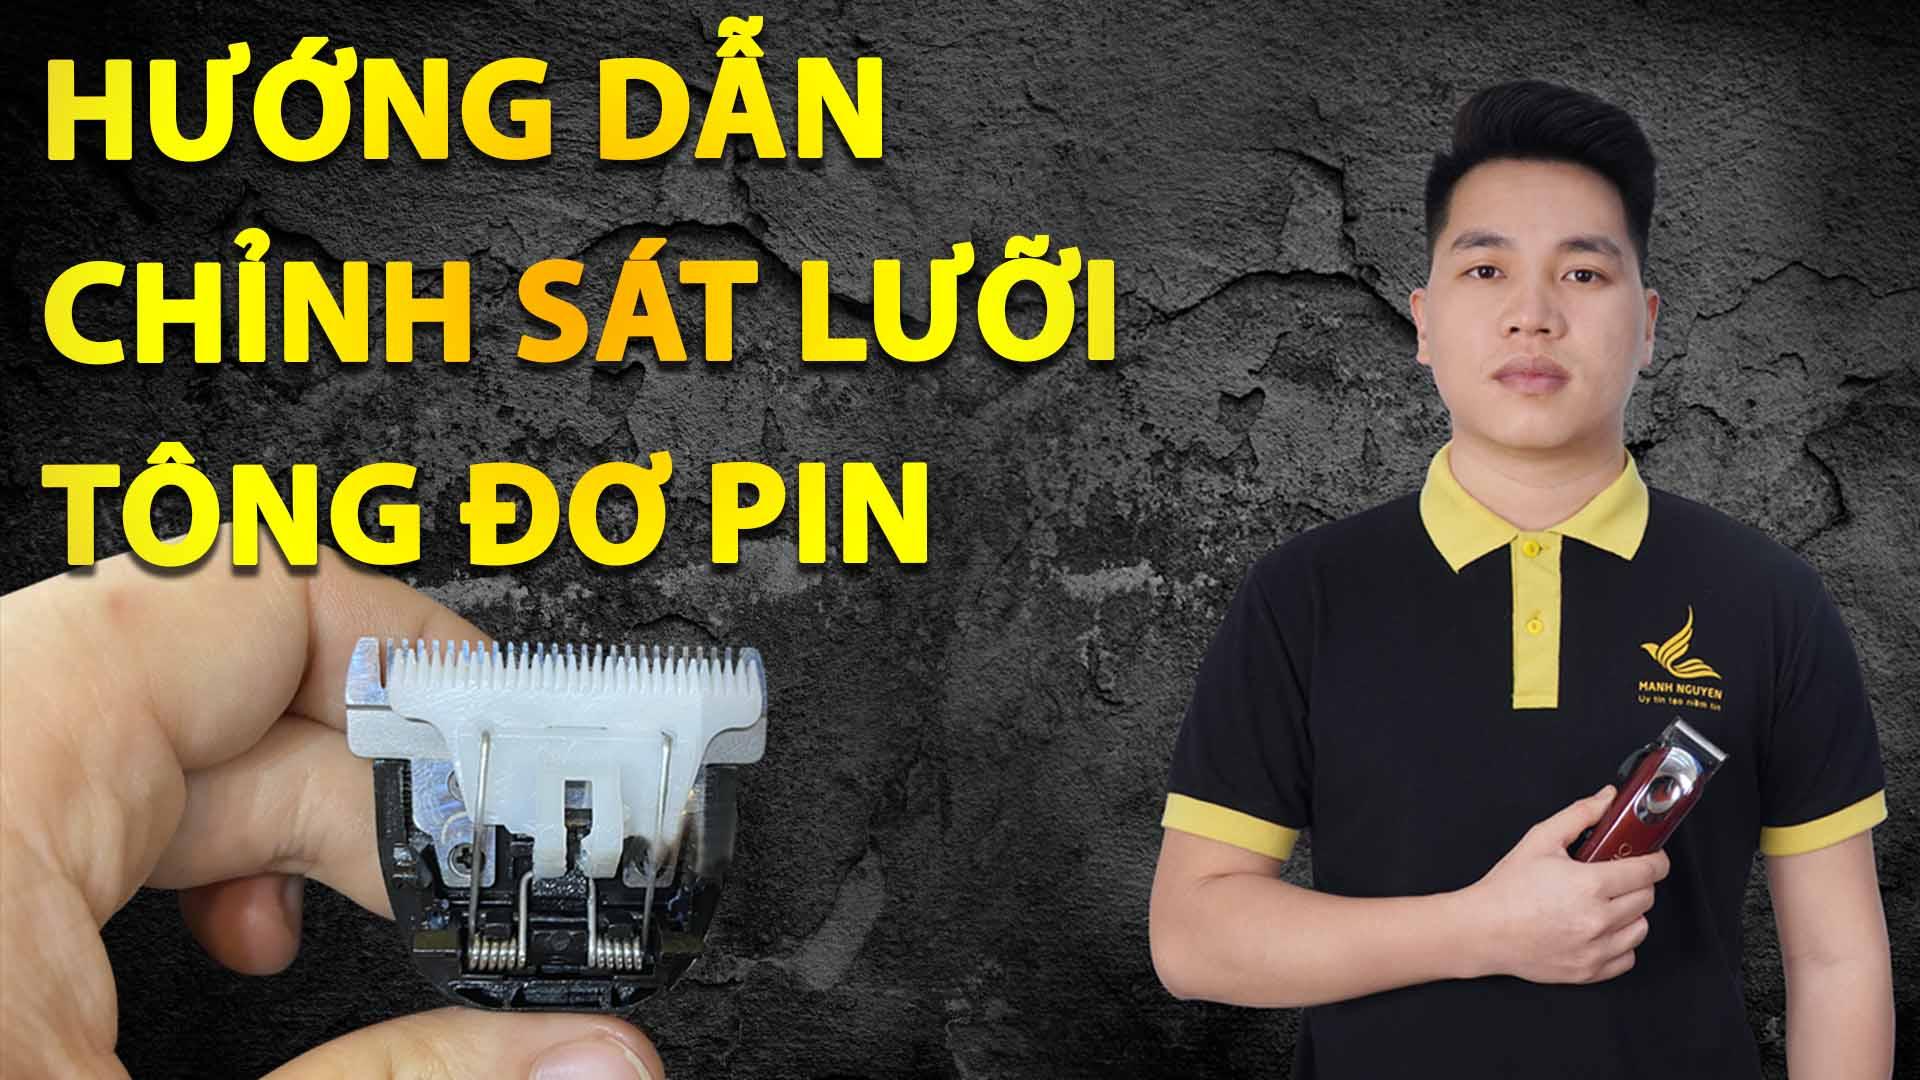 Video huong dan chinh sat luoi tong do pin, giup chan vien net